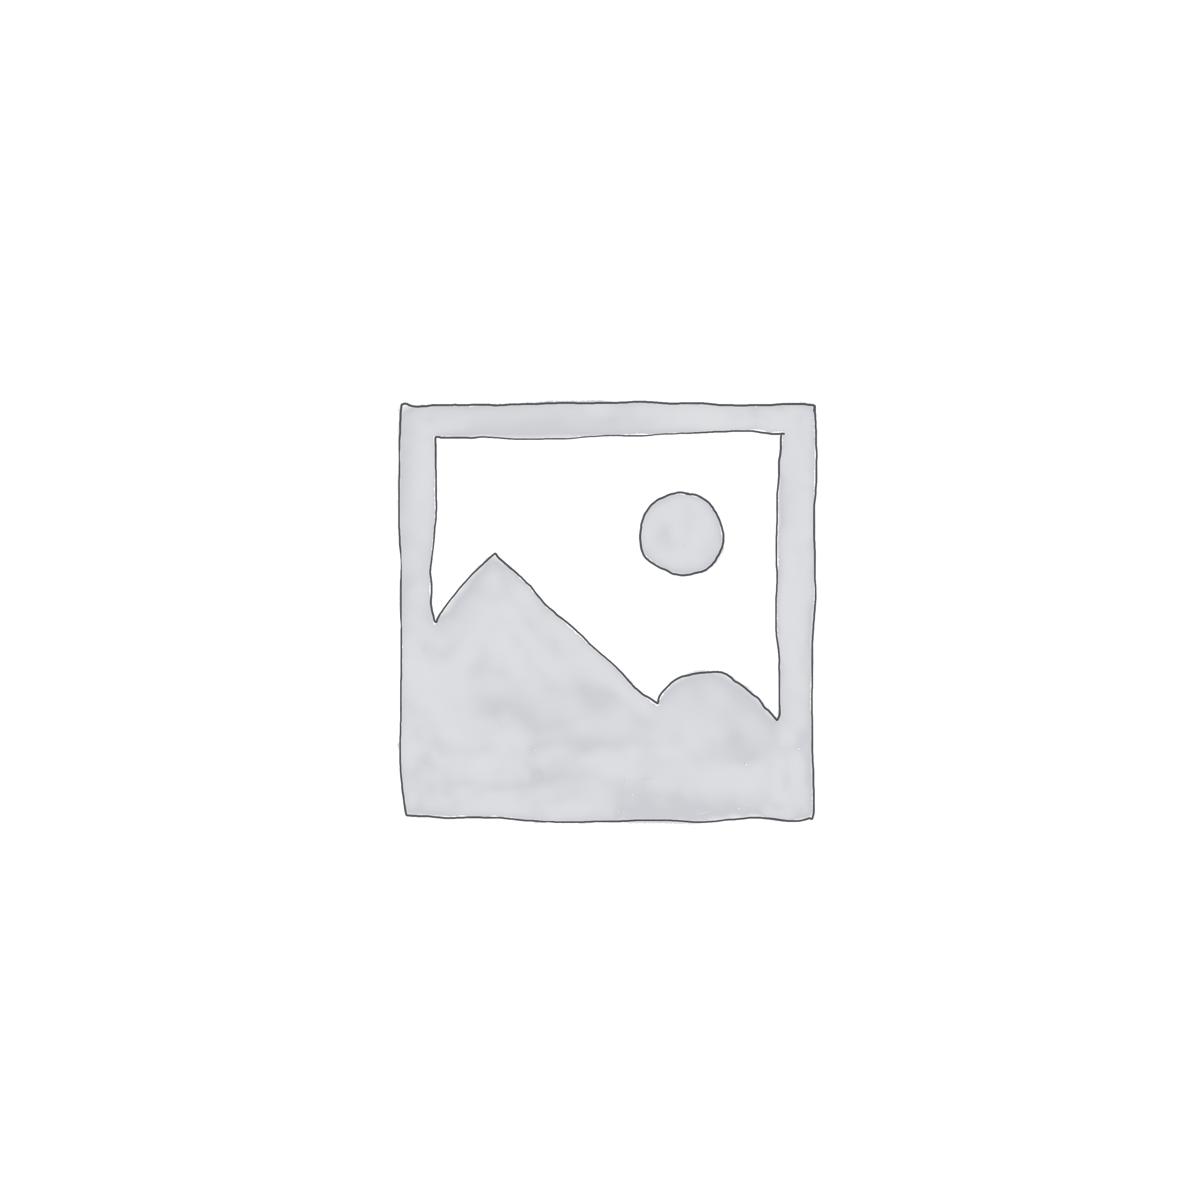 Light Blue Hydrangea Flowers and Butterflies Wallpaper Mural